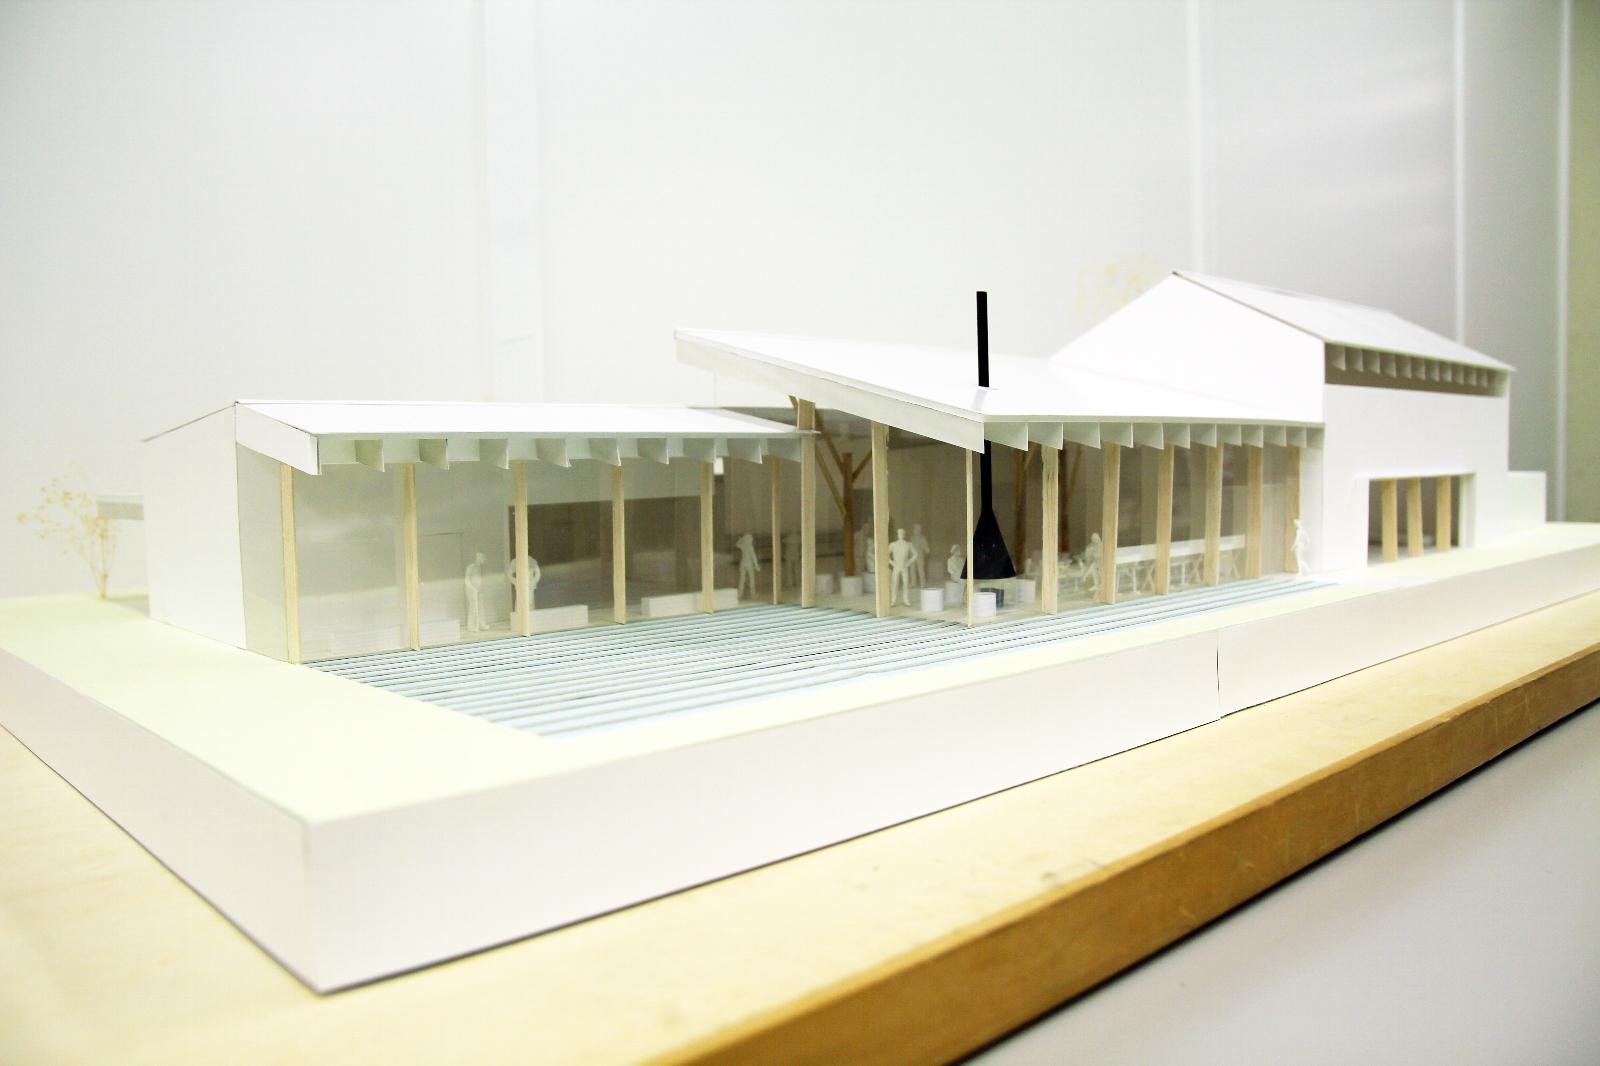 写真:まちづくりセンタープロジェクト2